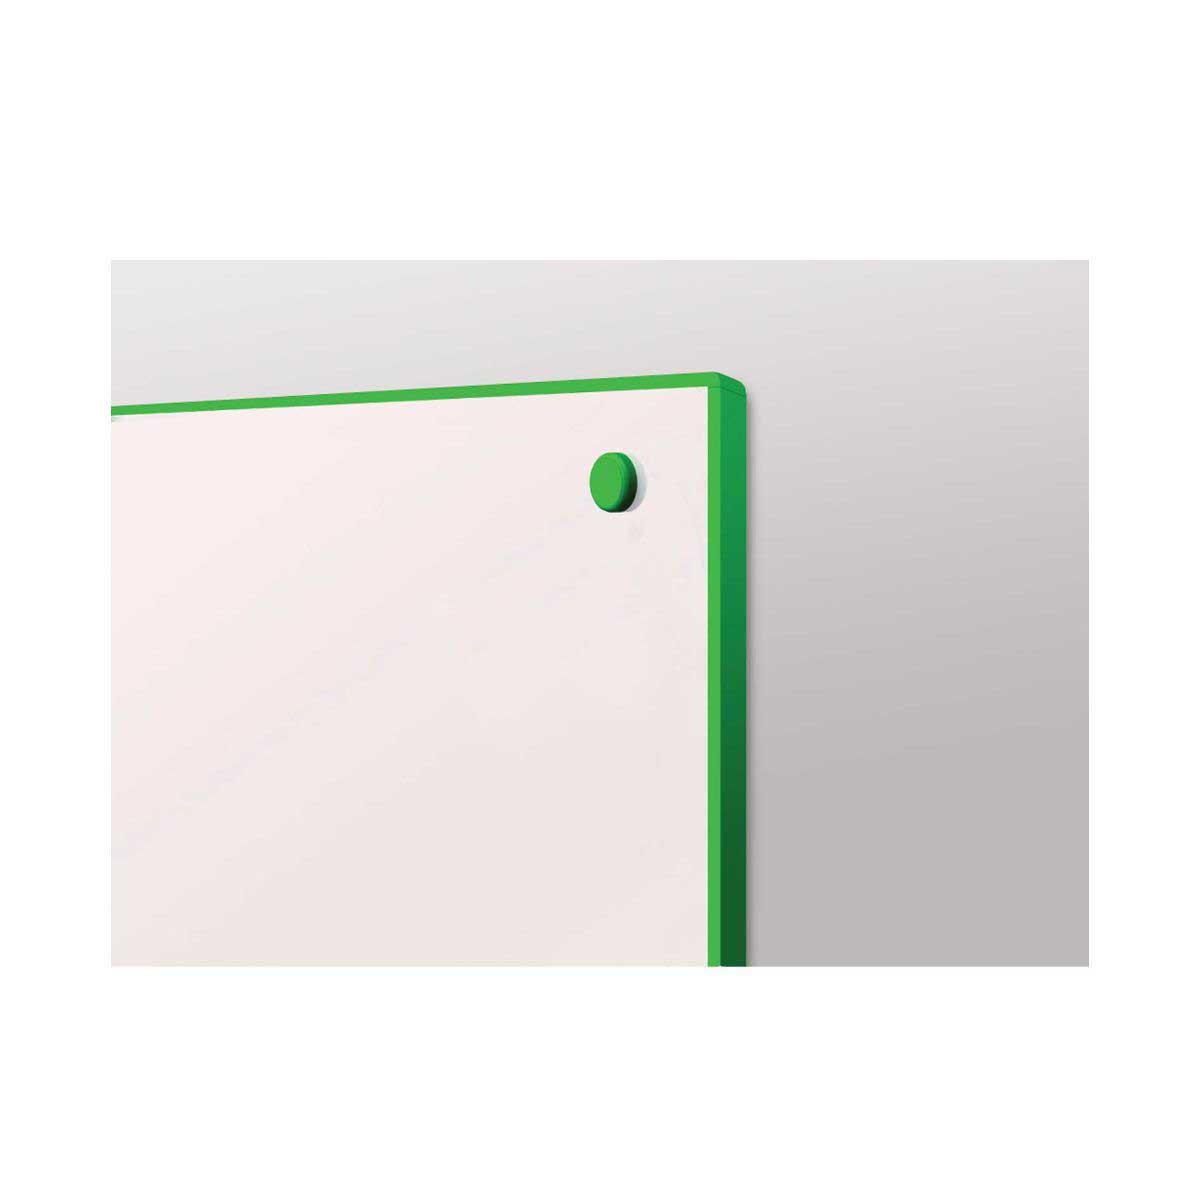 metroplan writeon coloured edge whiteboard 900 x 1200mm, green